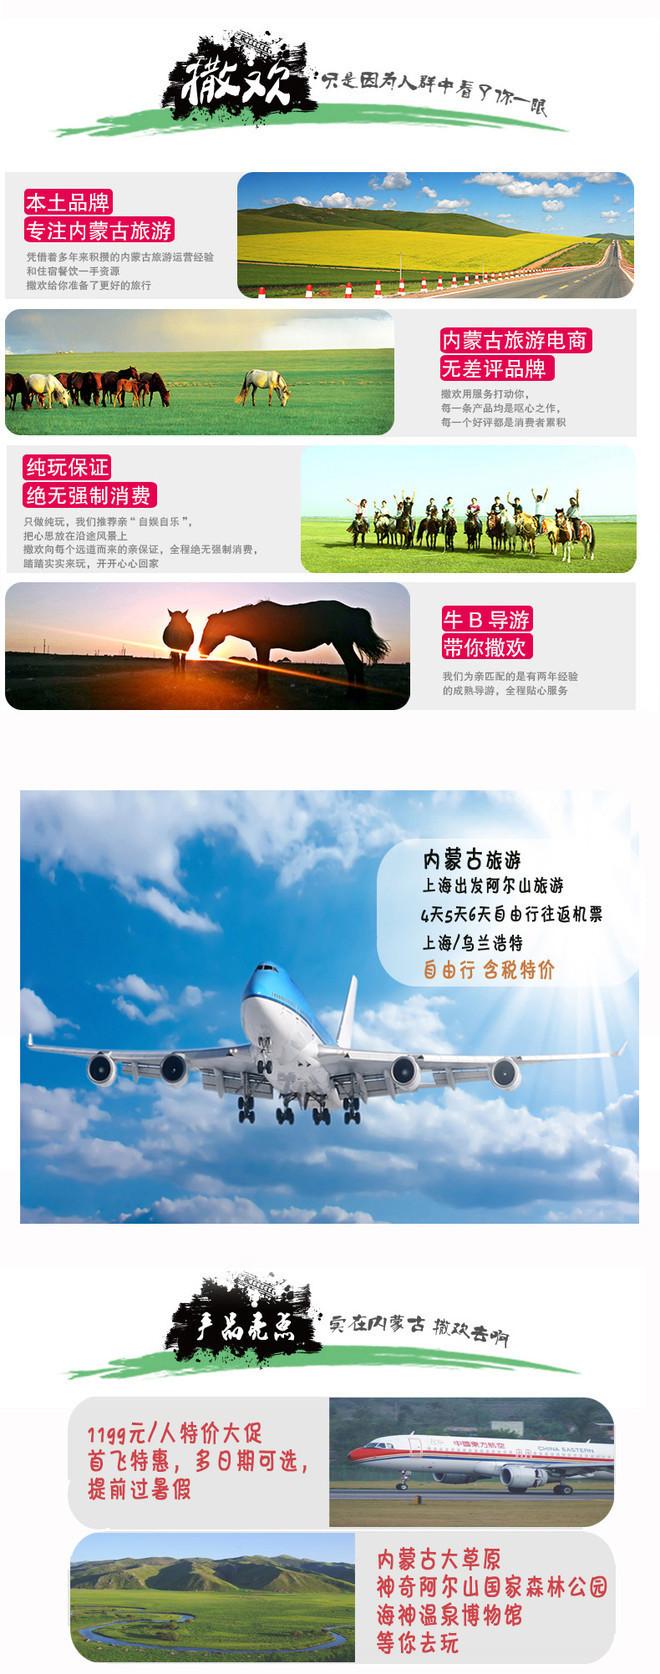 上海--乌兰浩特5天4晚/6天5晚自由行